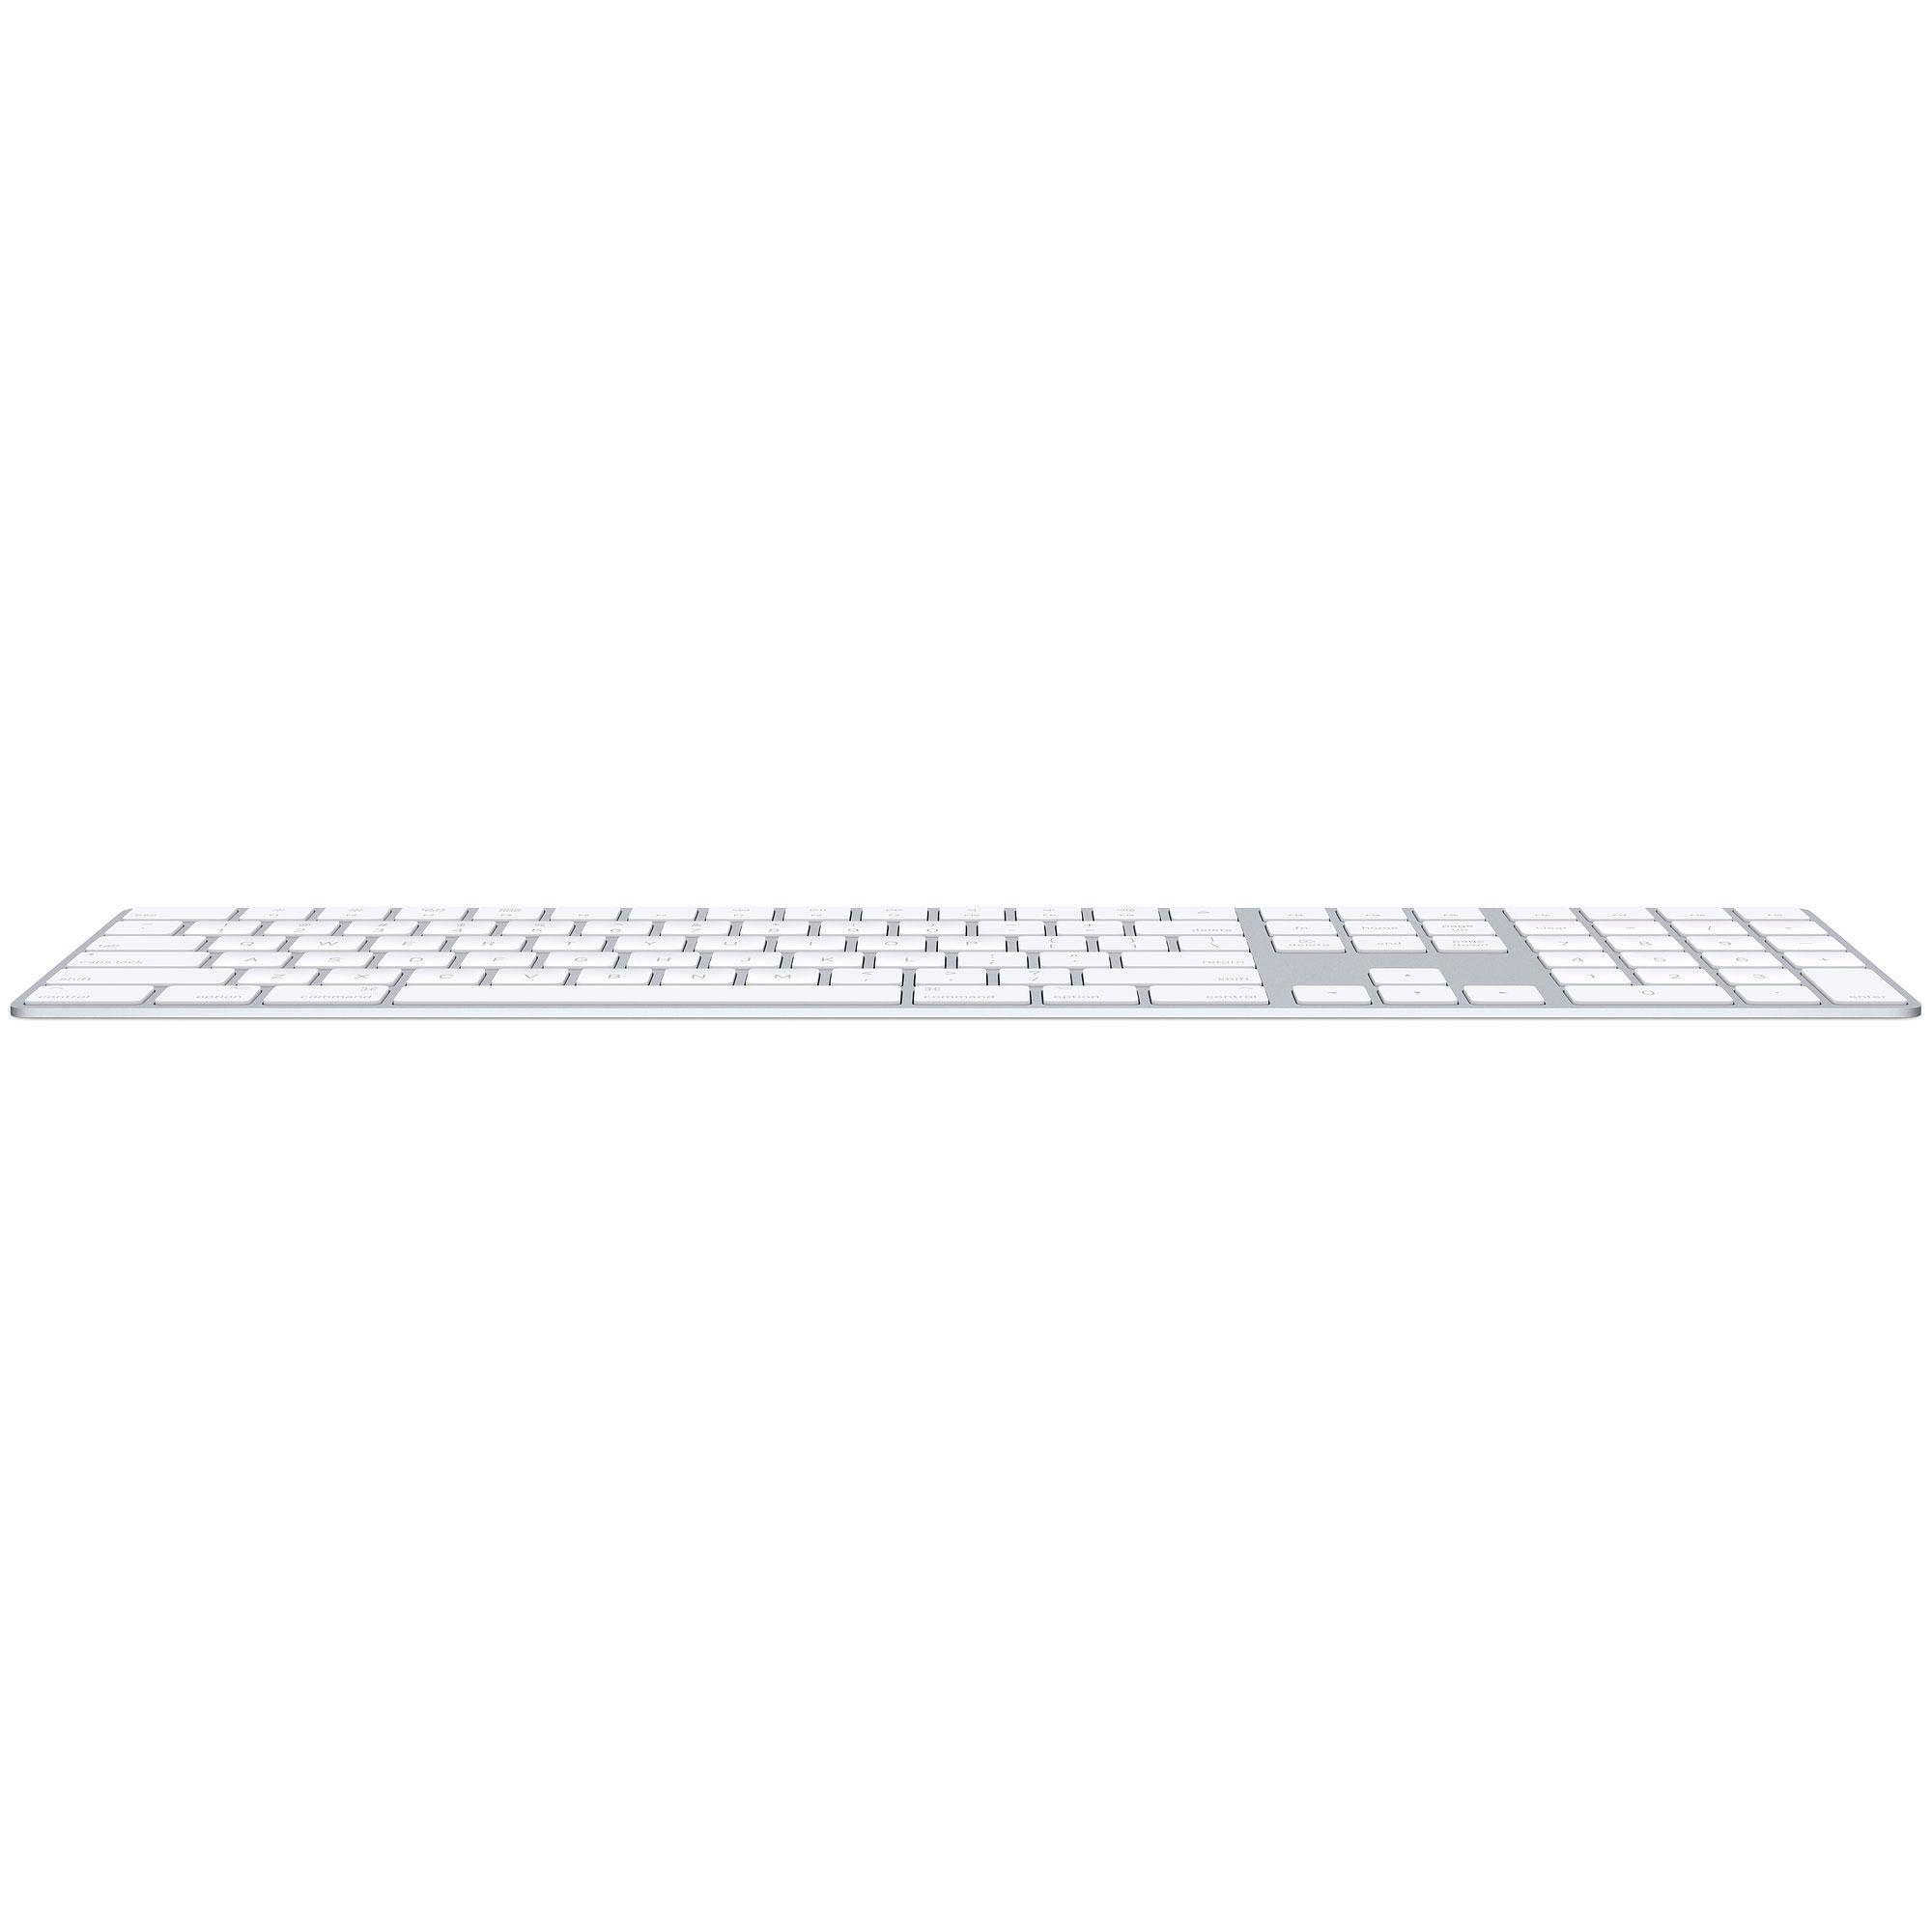 Apple Magic Keyboard met numeriek toetsenblok - Nederlands - Zilver